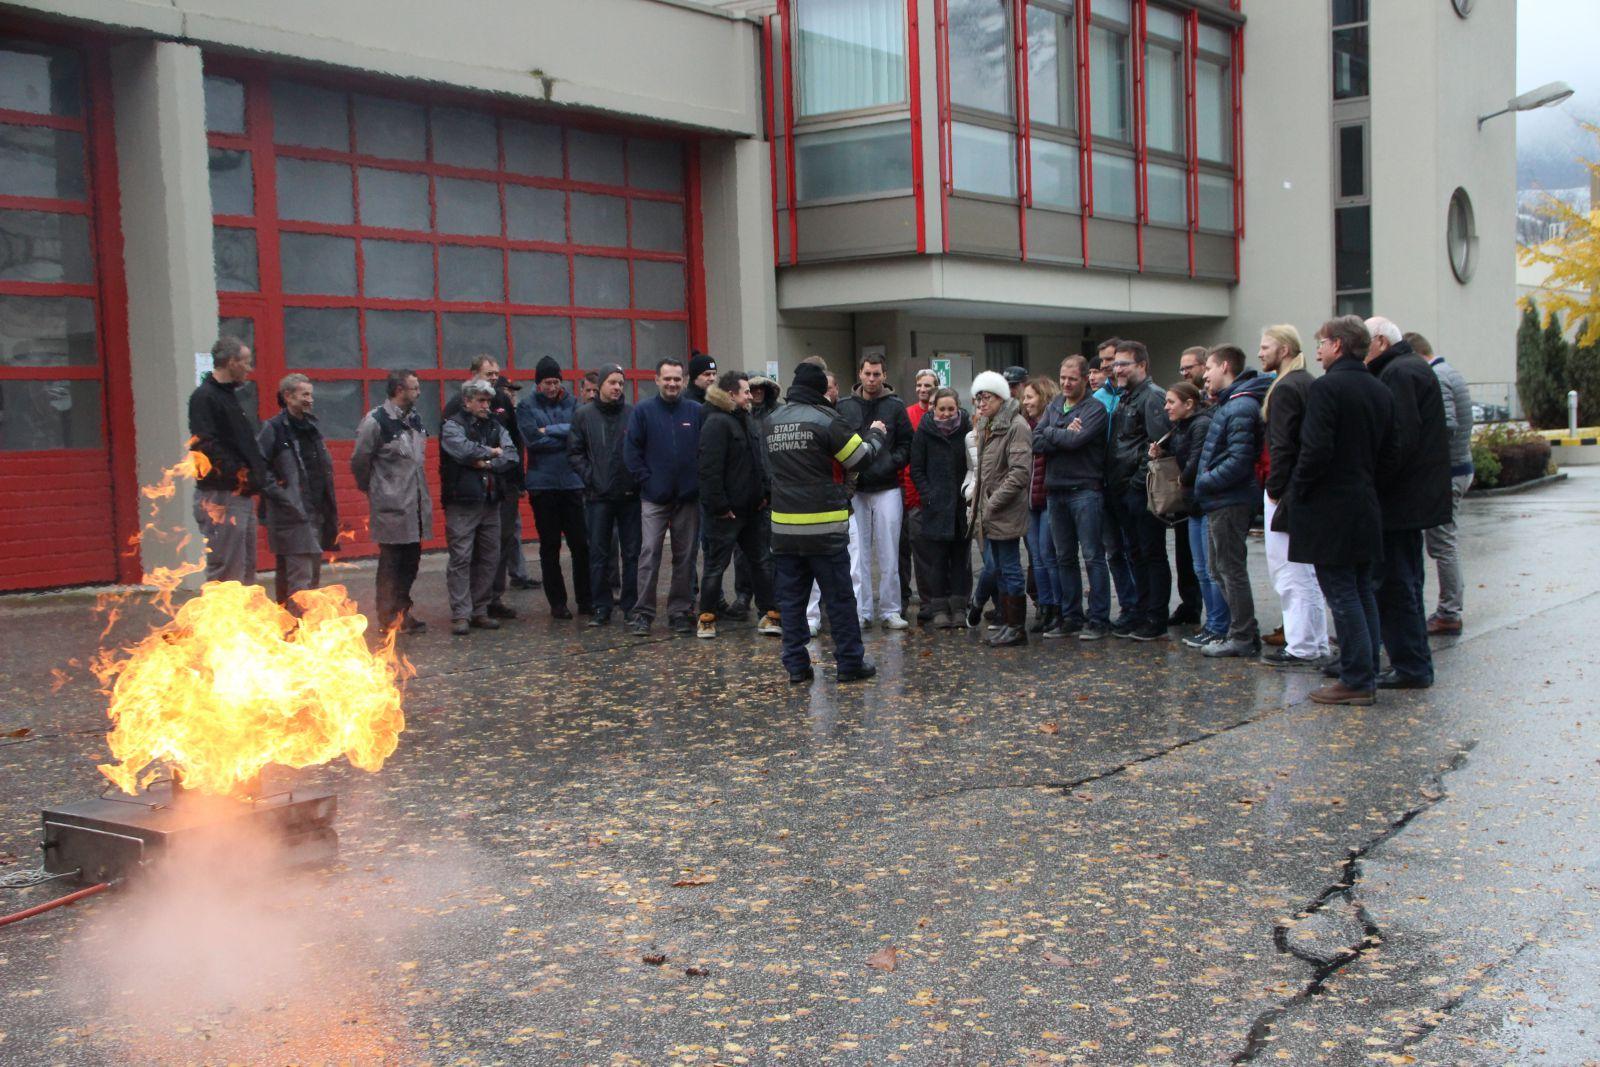 10112016 Brandschutzschulungen Für Adler Lacke Freiwillige